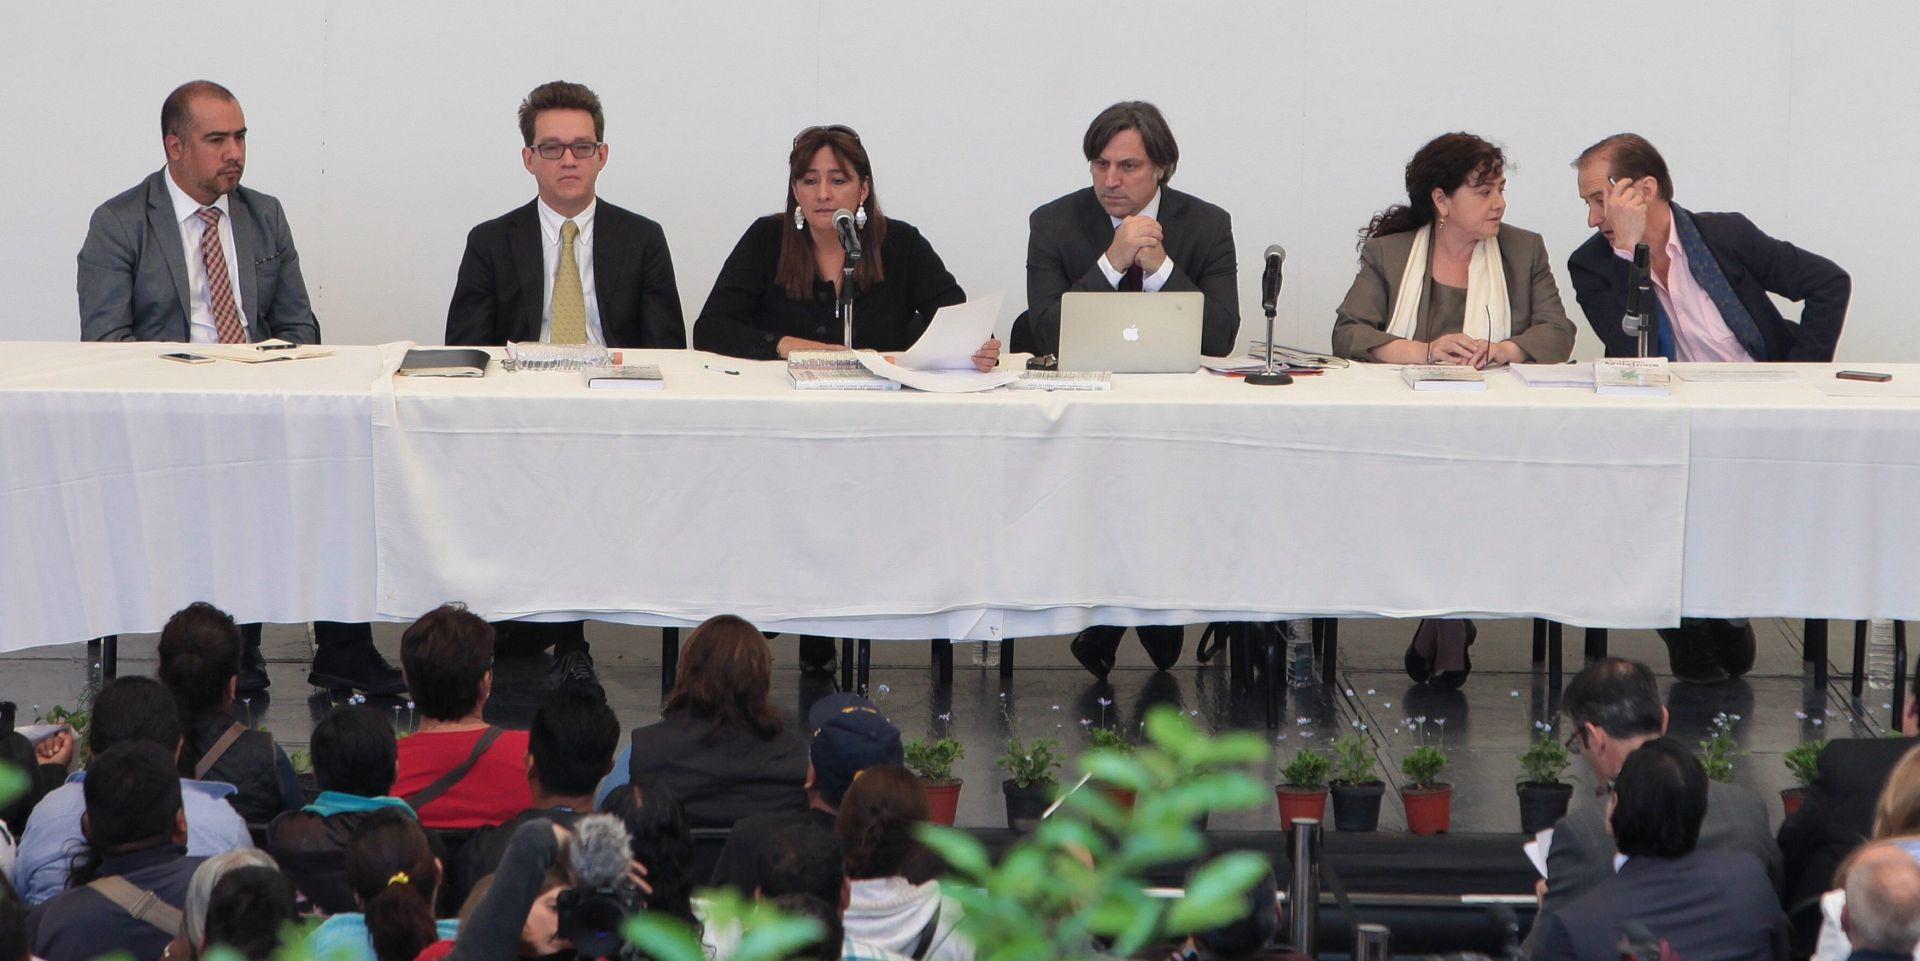 Nestanak 43 studenta u Meksiku: Vlasti optužene za ometanje istrage